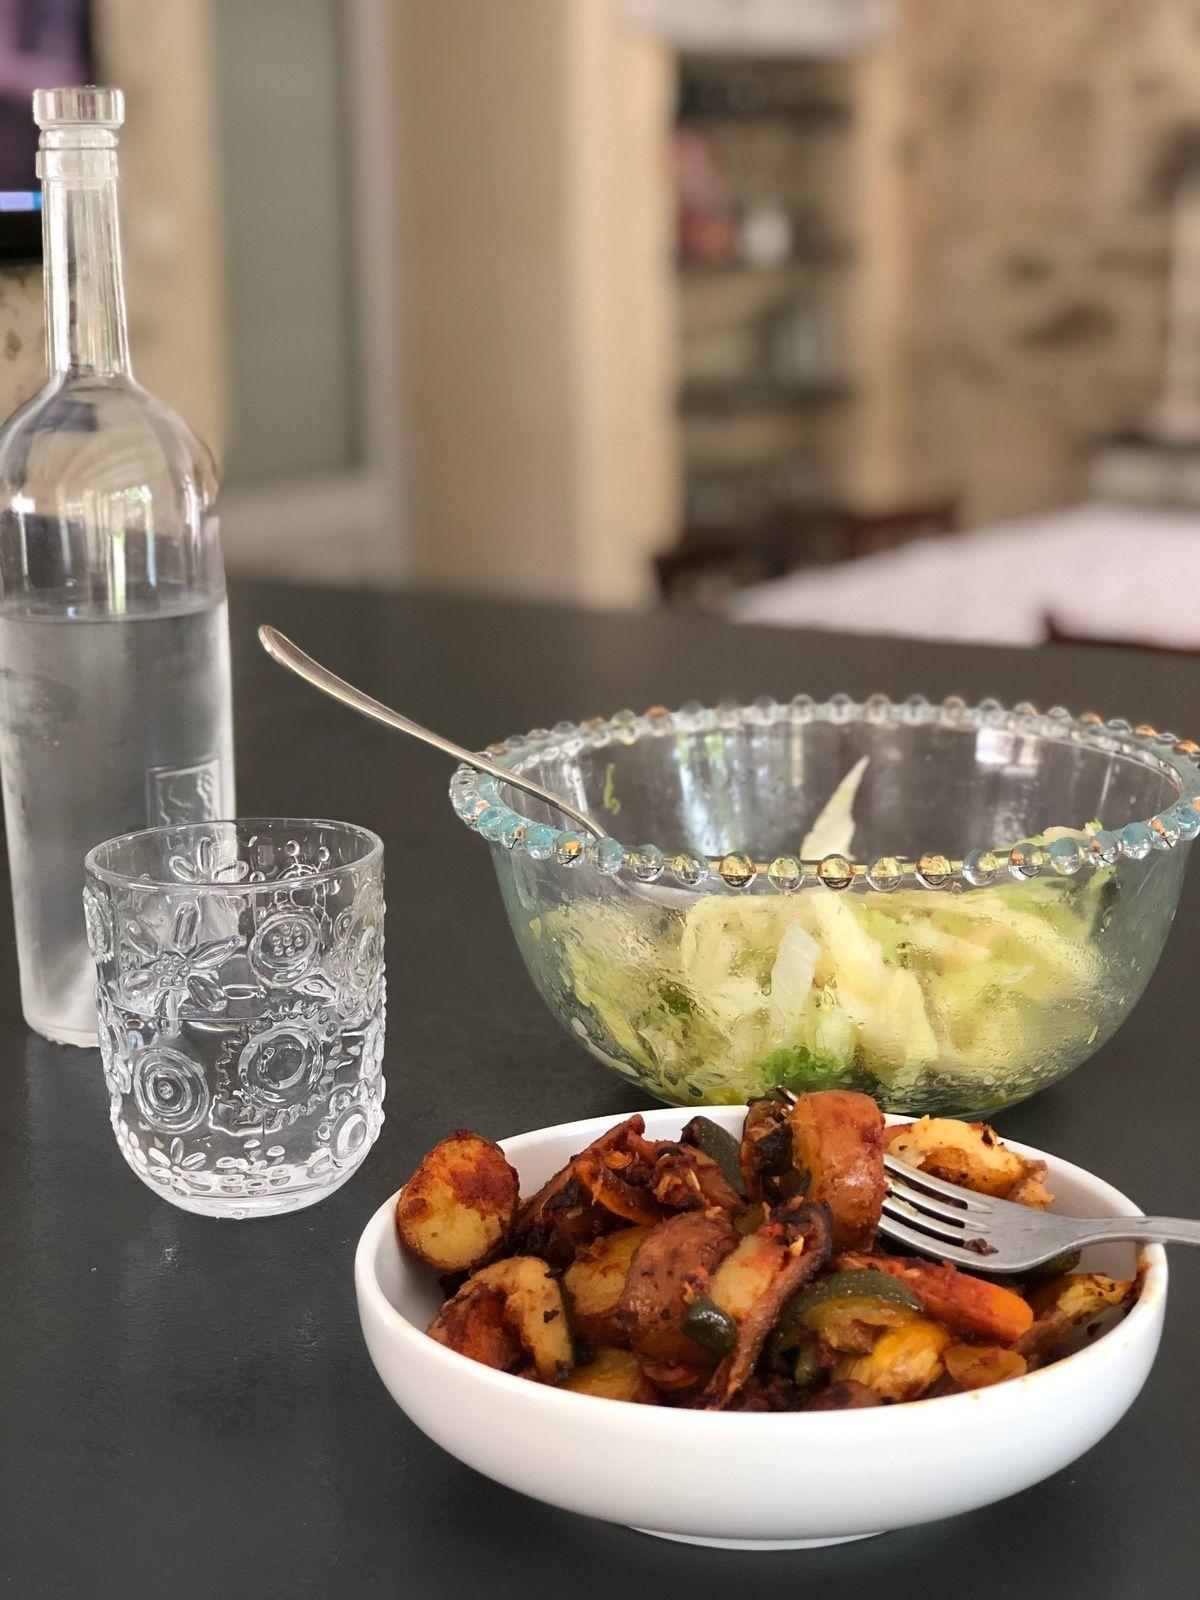 Sabine Bolzan, Les Ateliers de Sam, recettes végétariennes, recettes salées, légumes cuits au four comme un tajine